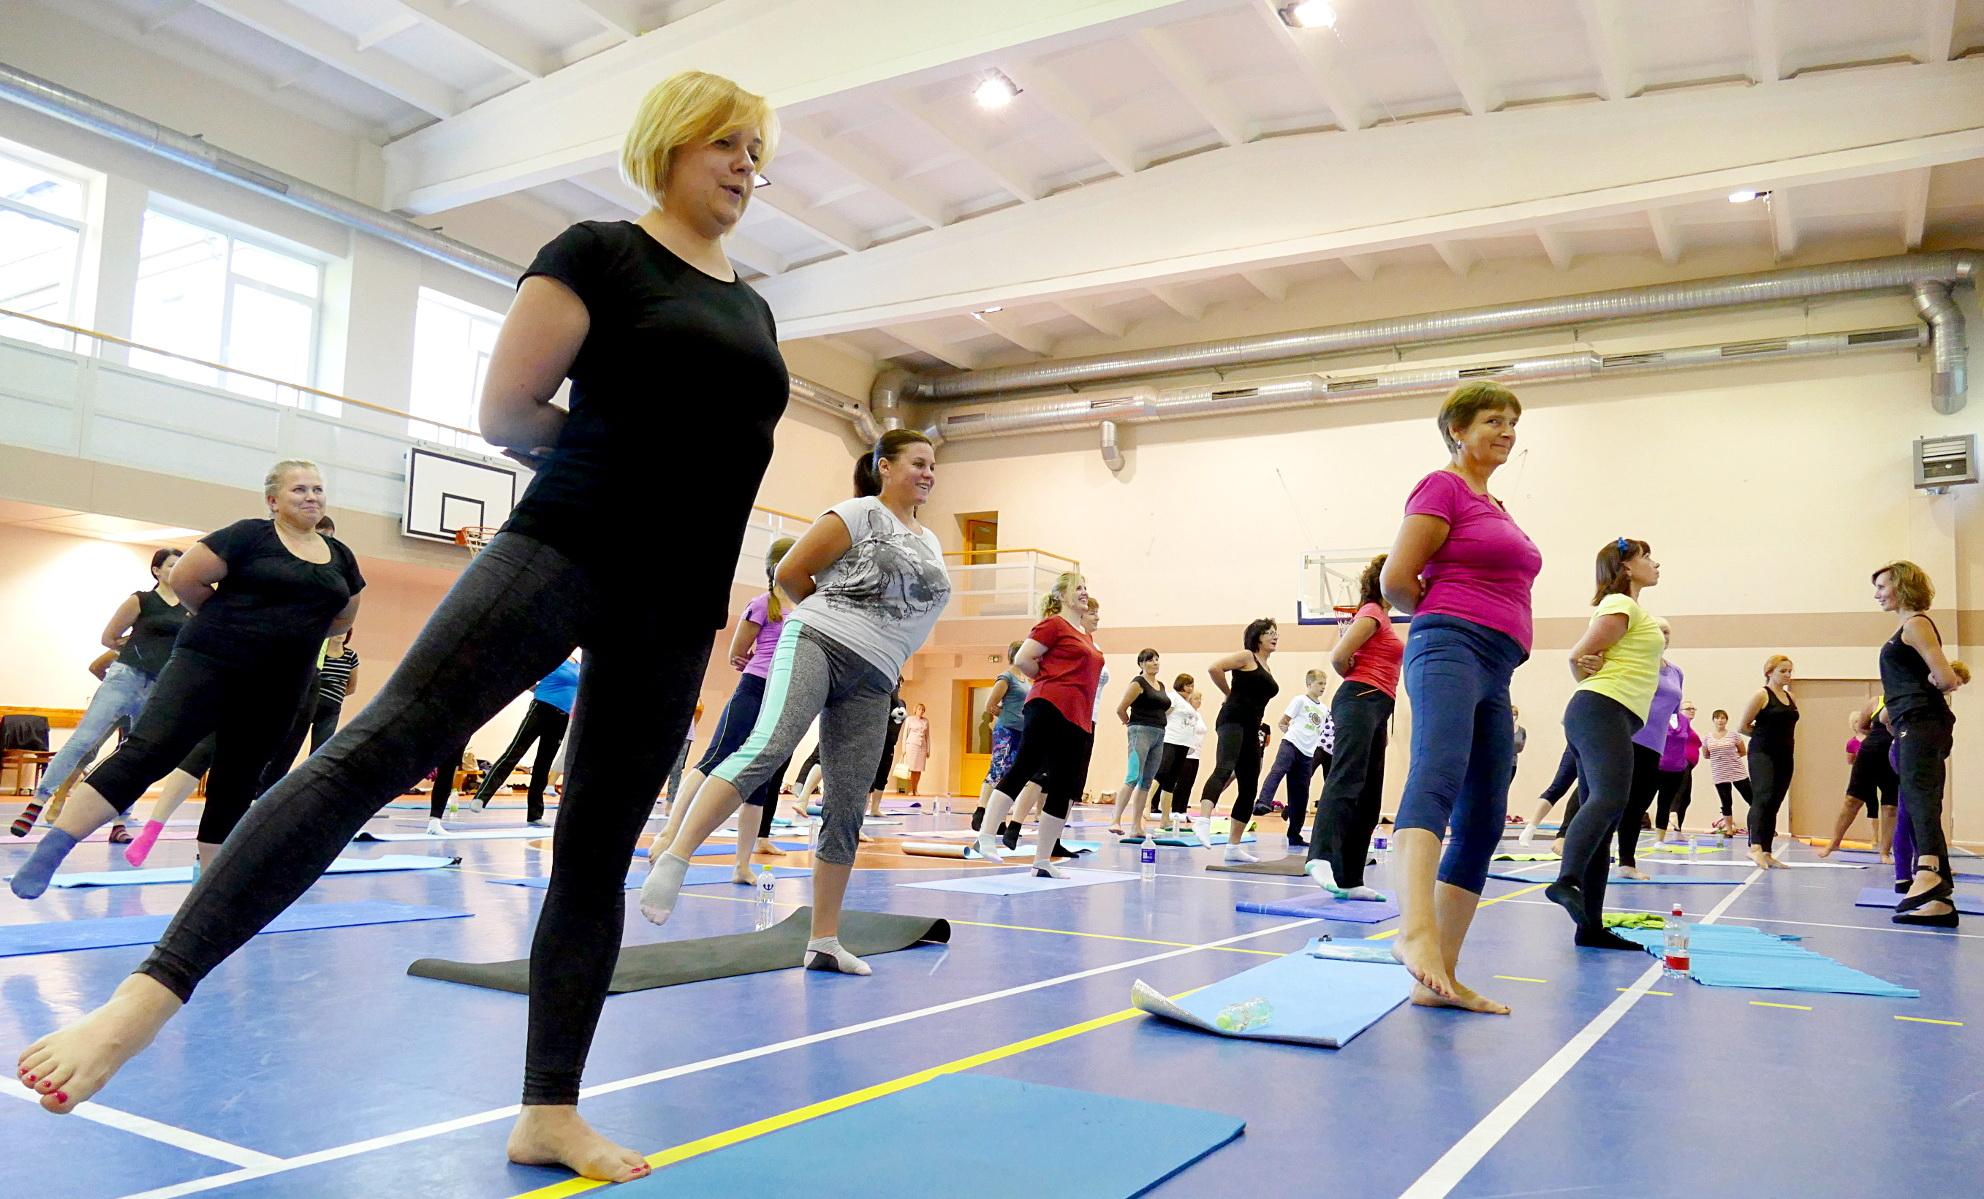 Pasaulinės judėjimo savaitės renginiai Šilutės pirmosios gimnazijos sporto salėje – vyksta  kalanetikos užsiėmimas.